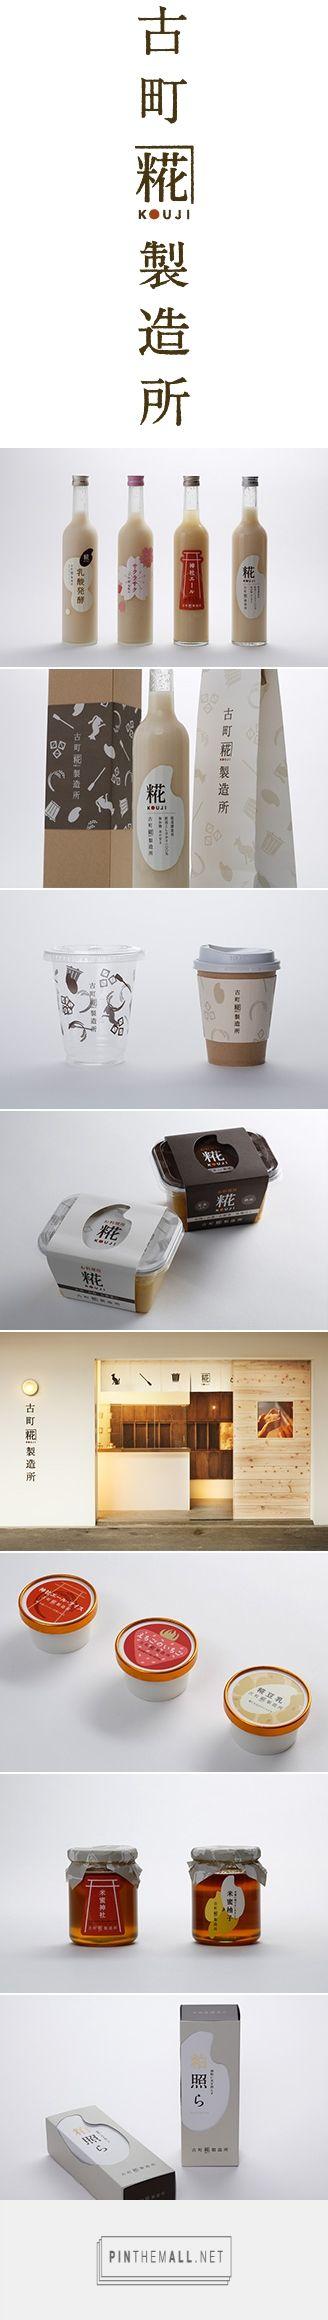 Furumachi-Kouji via AWATSUJI design curated by Packaging Diva PD. Such pretty packaging.